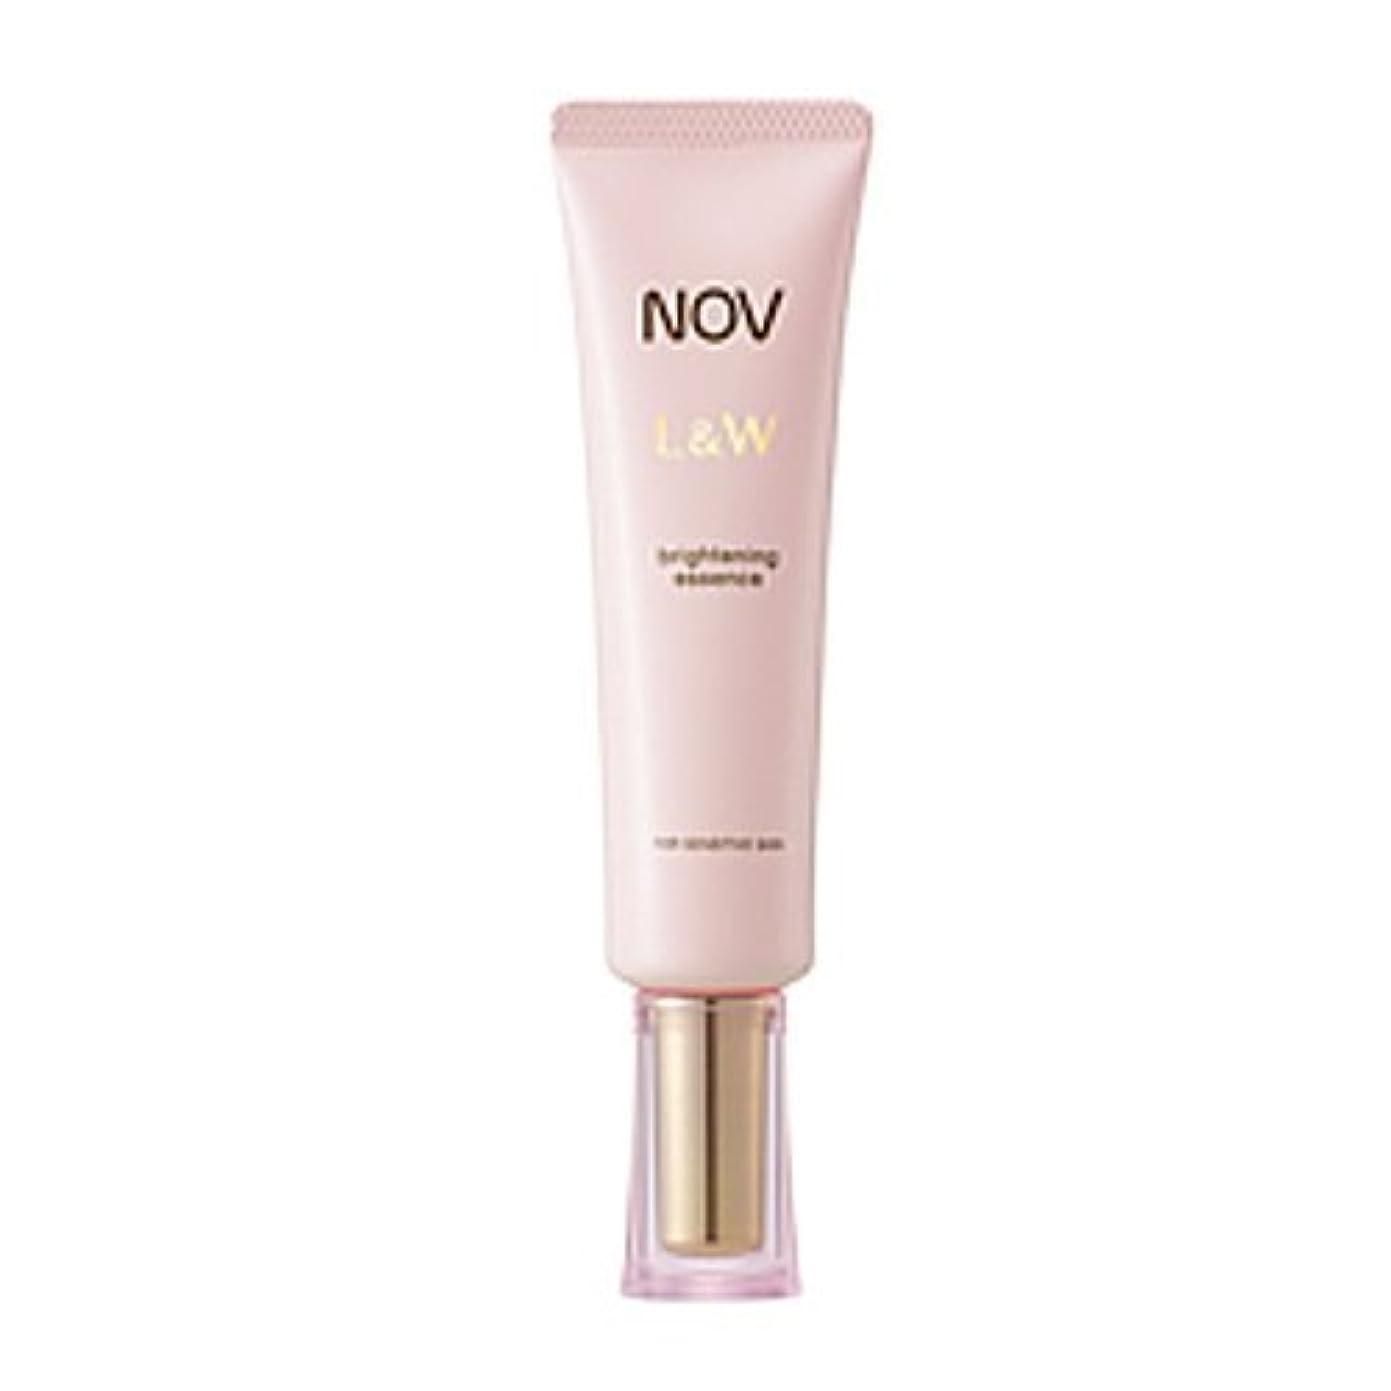 不安定な瞑想的出費NOV L&W  ブライトニングエッセンス(医薬部外品)<30g>